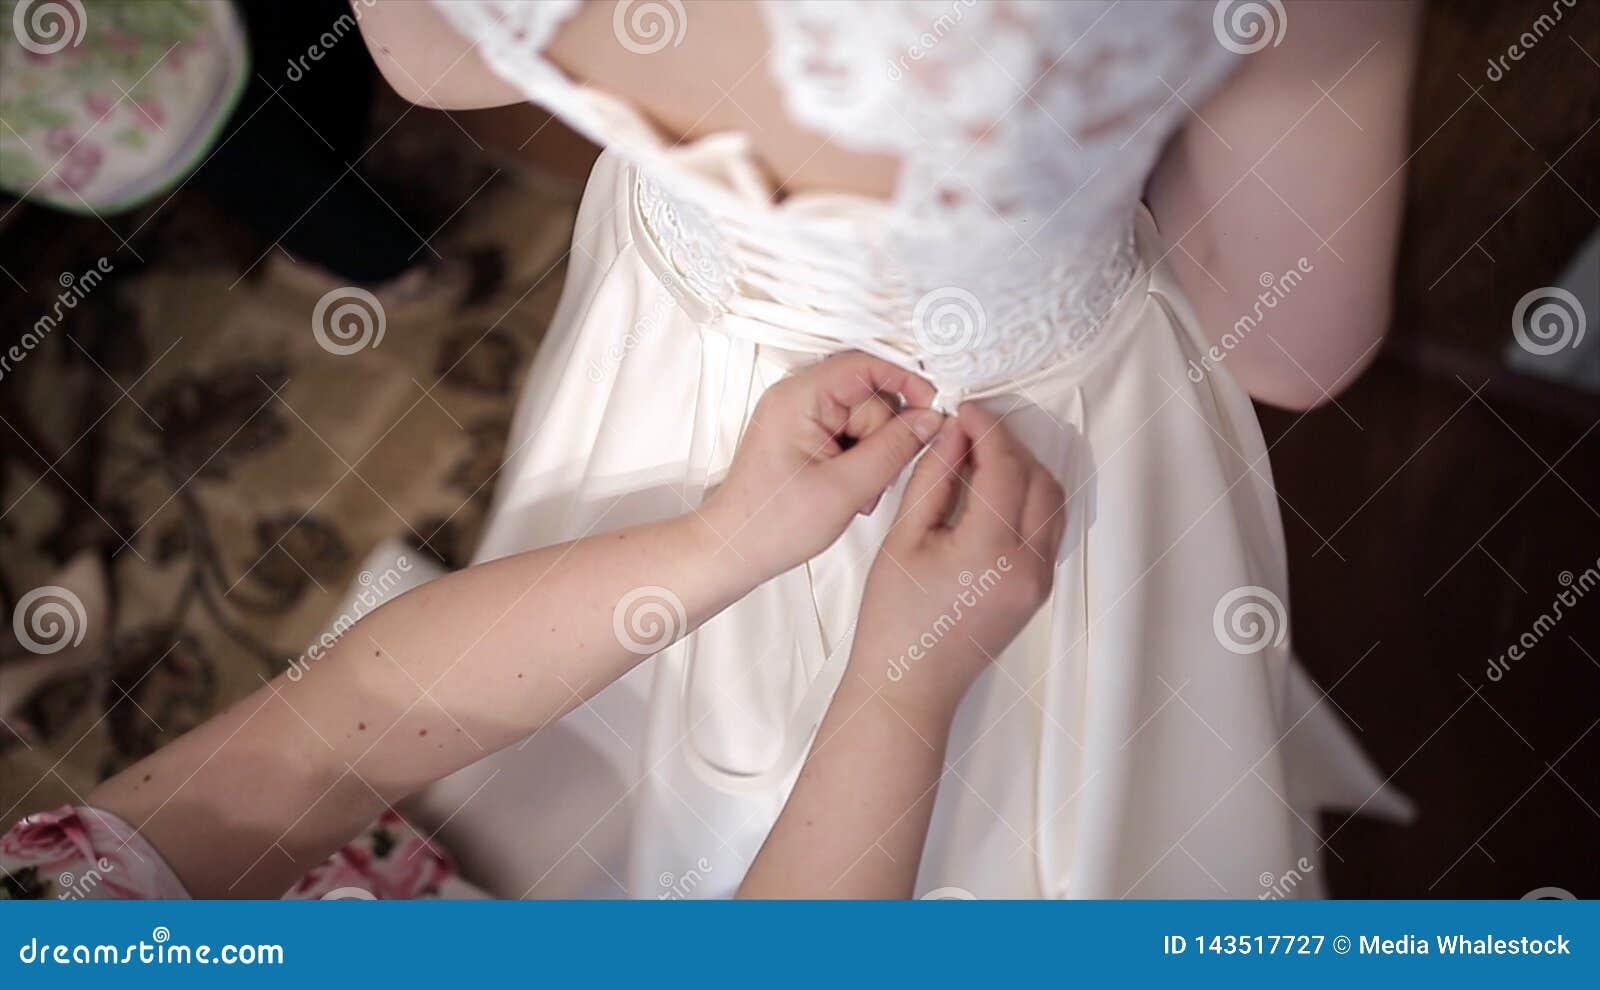 La madre ayuda a la novia a poner un vestido que se casa existencias Las manos atan un corsé de un vestido que se casa